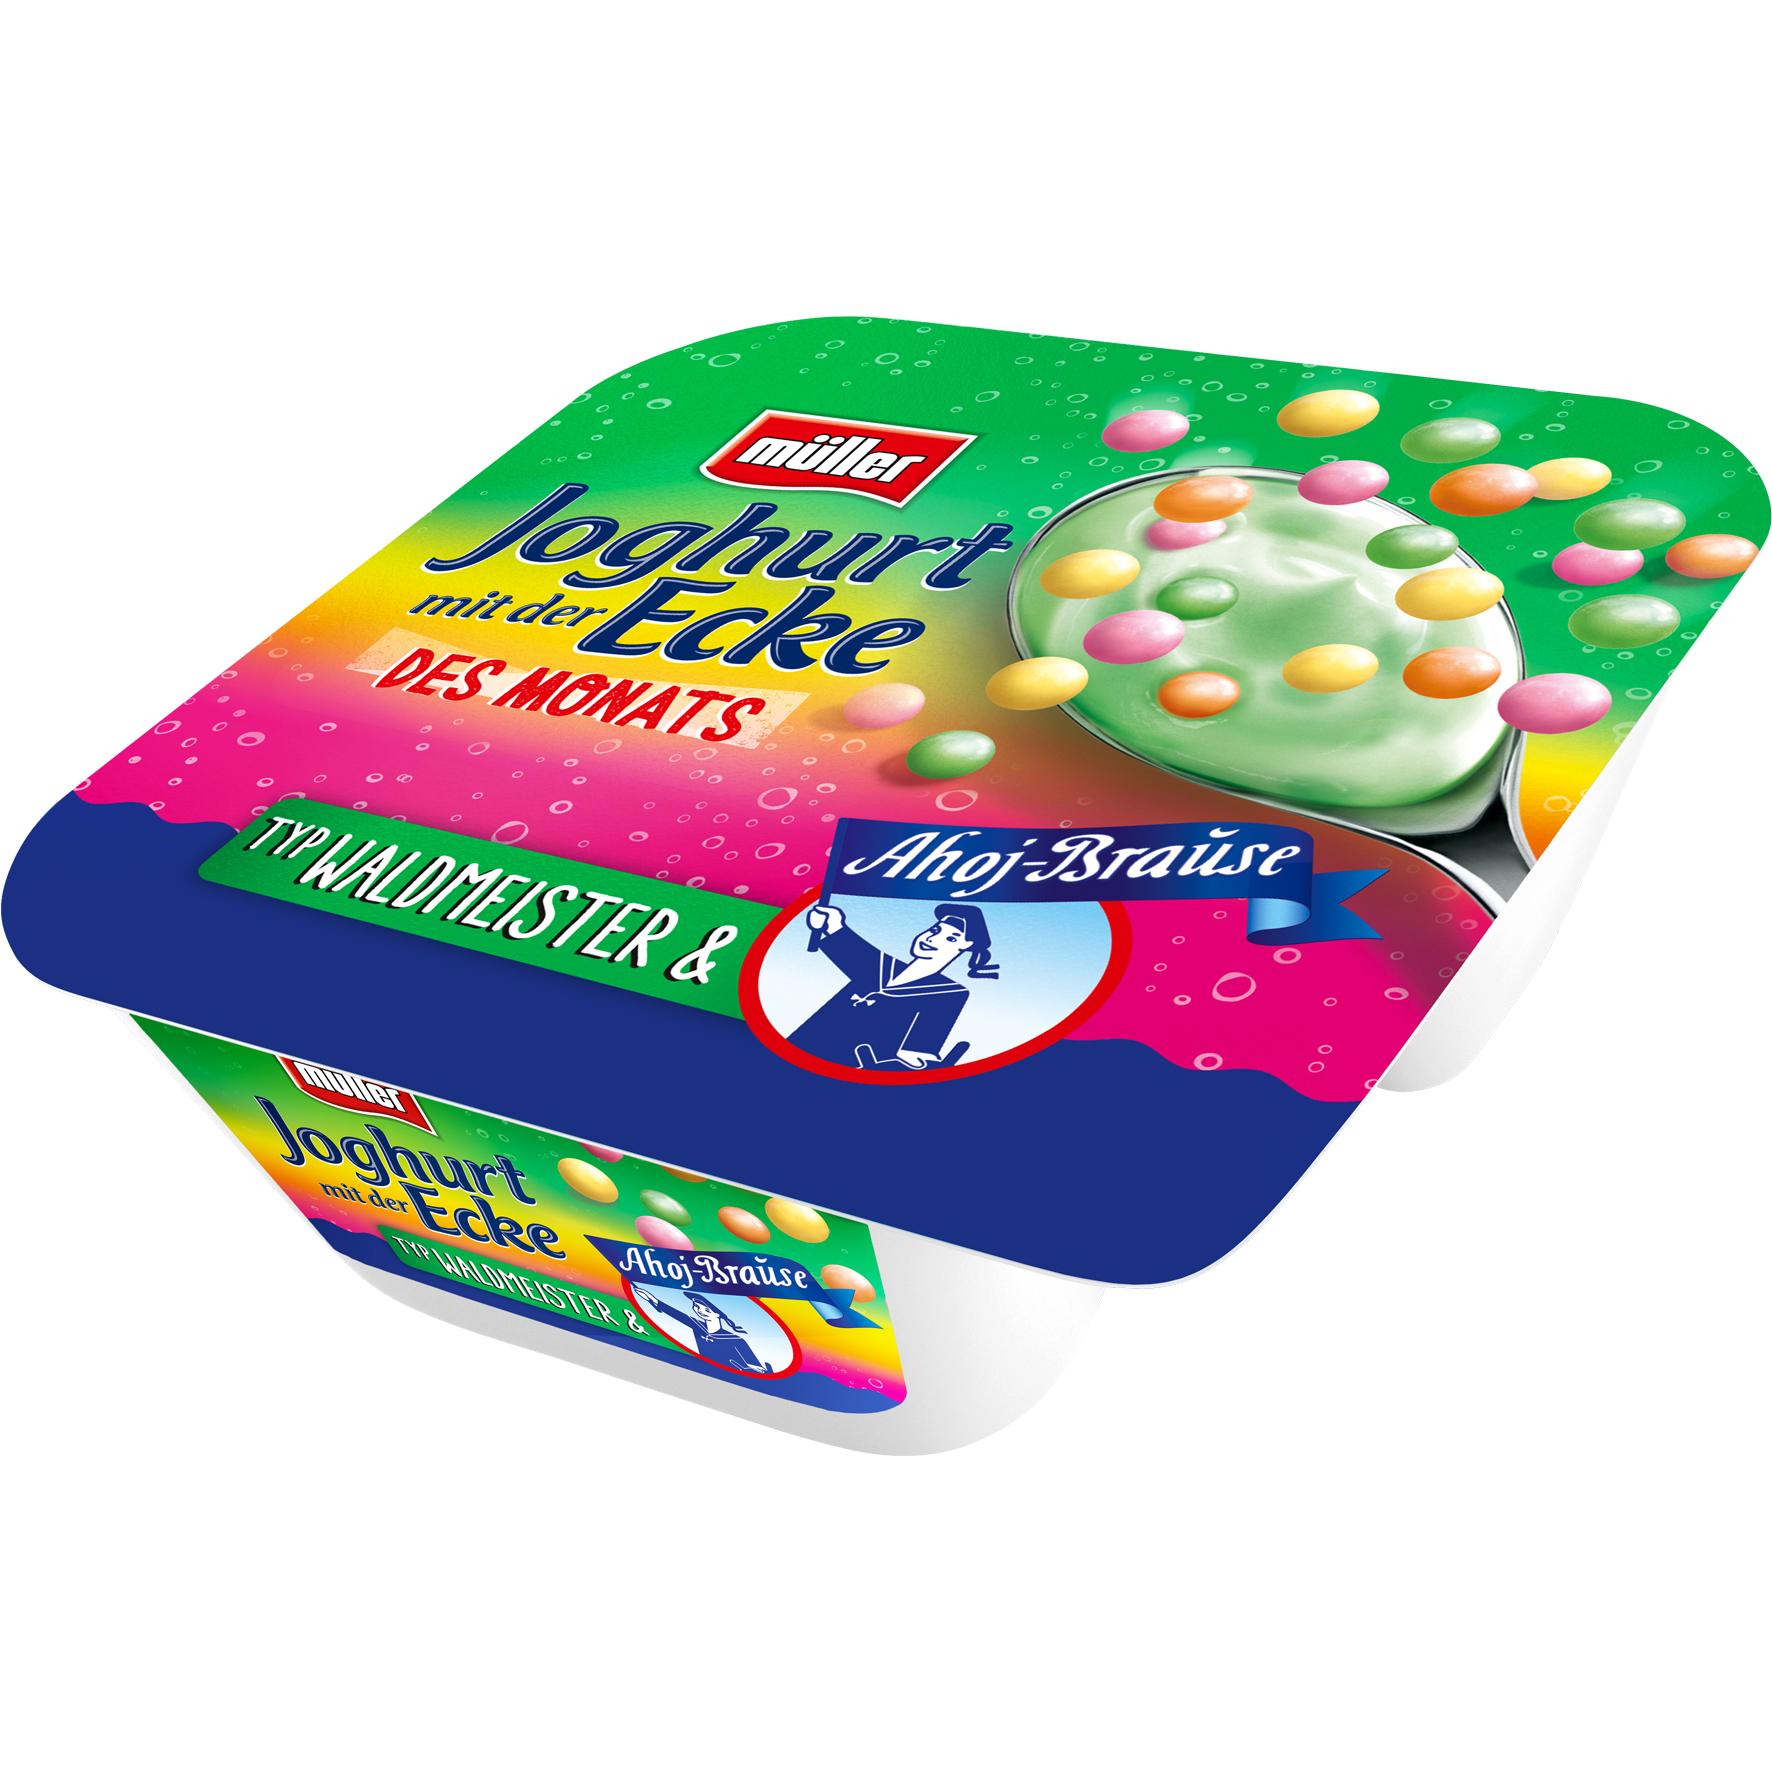 Geliebte Joghurt mit der Ecke des Monats: Jetzt wird's prickelnd mit Ahoj @VF_28